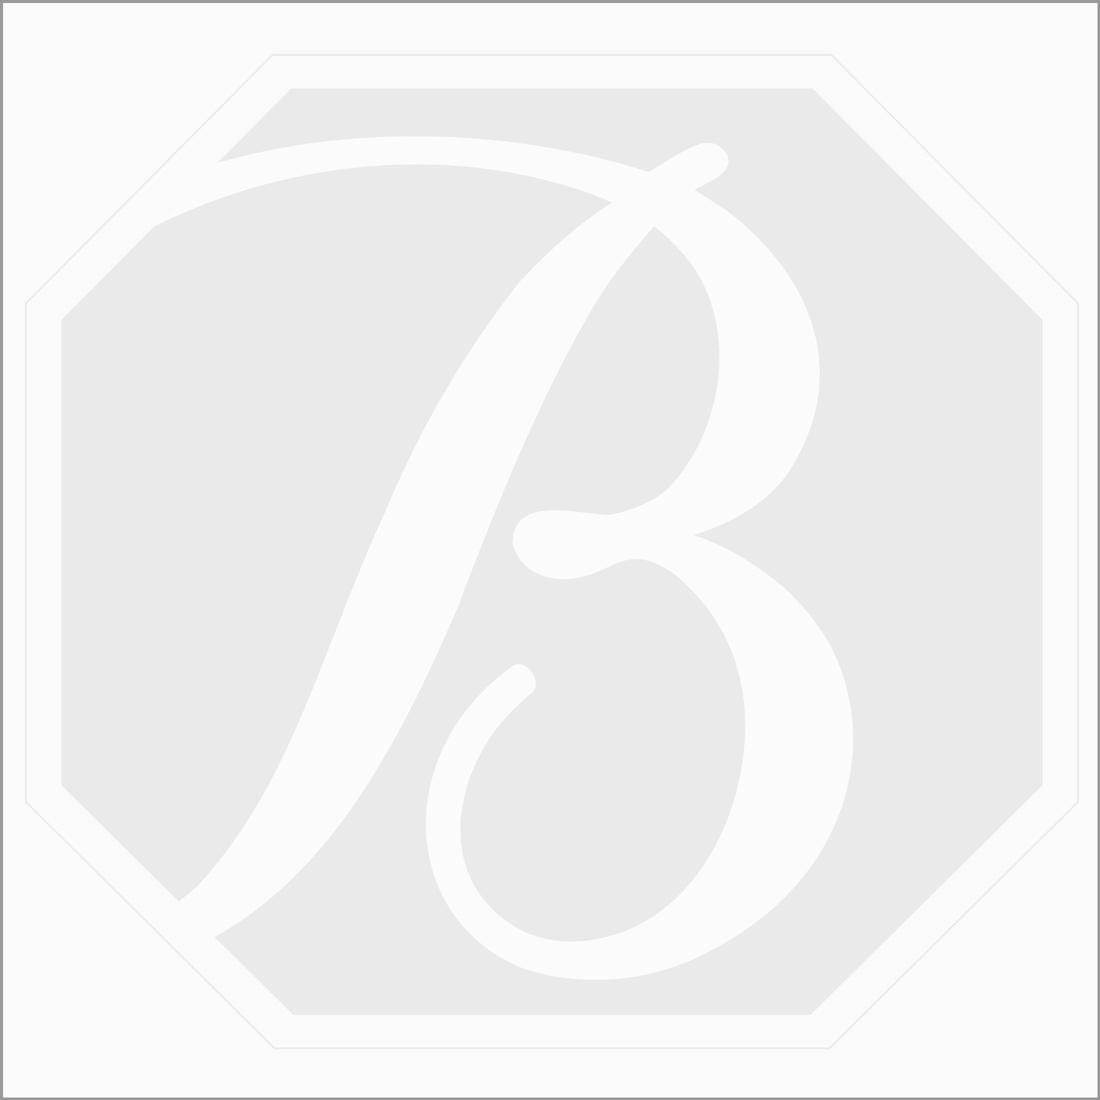 Multi Sapphire Briolettes - 1 Line - 136.00 carats - 17 inches - (MSDF1010)